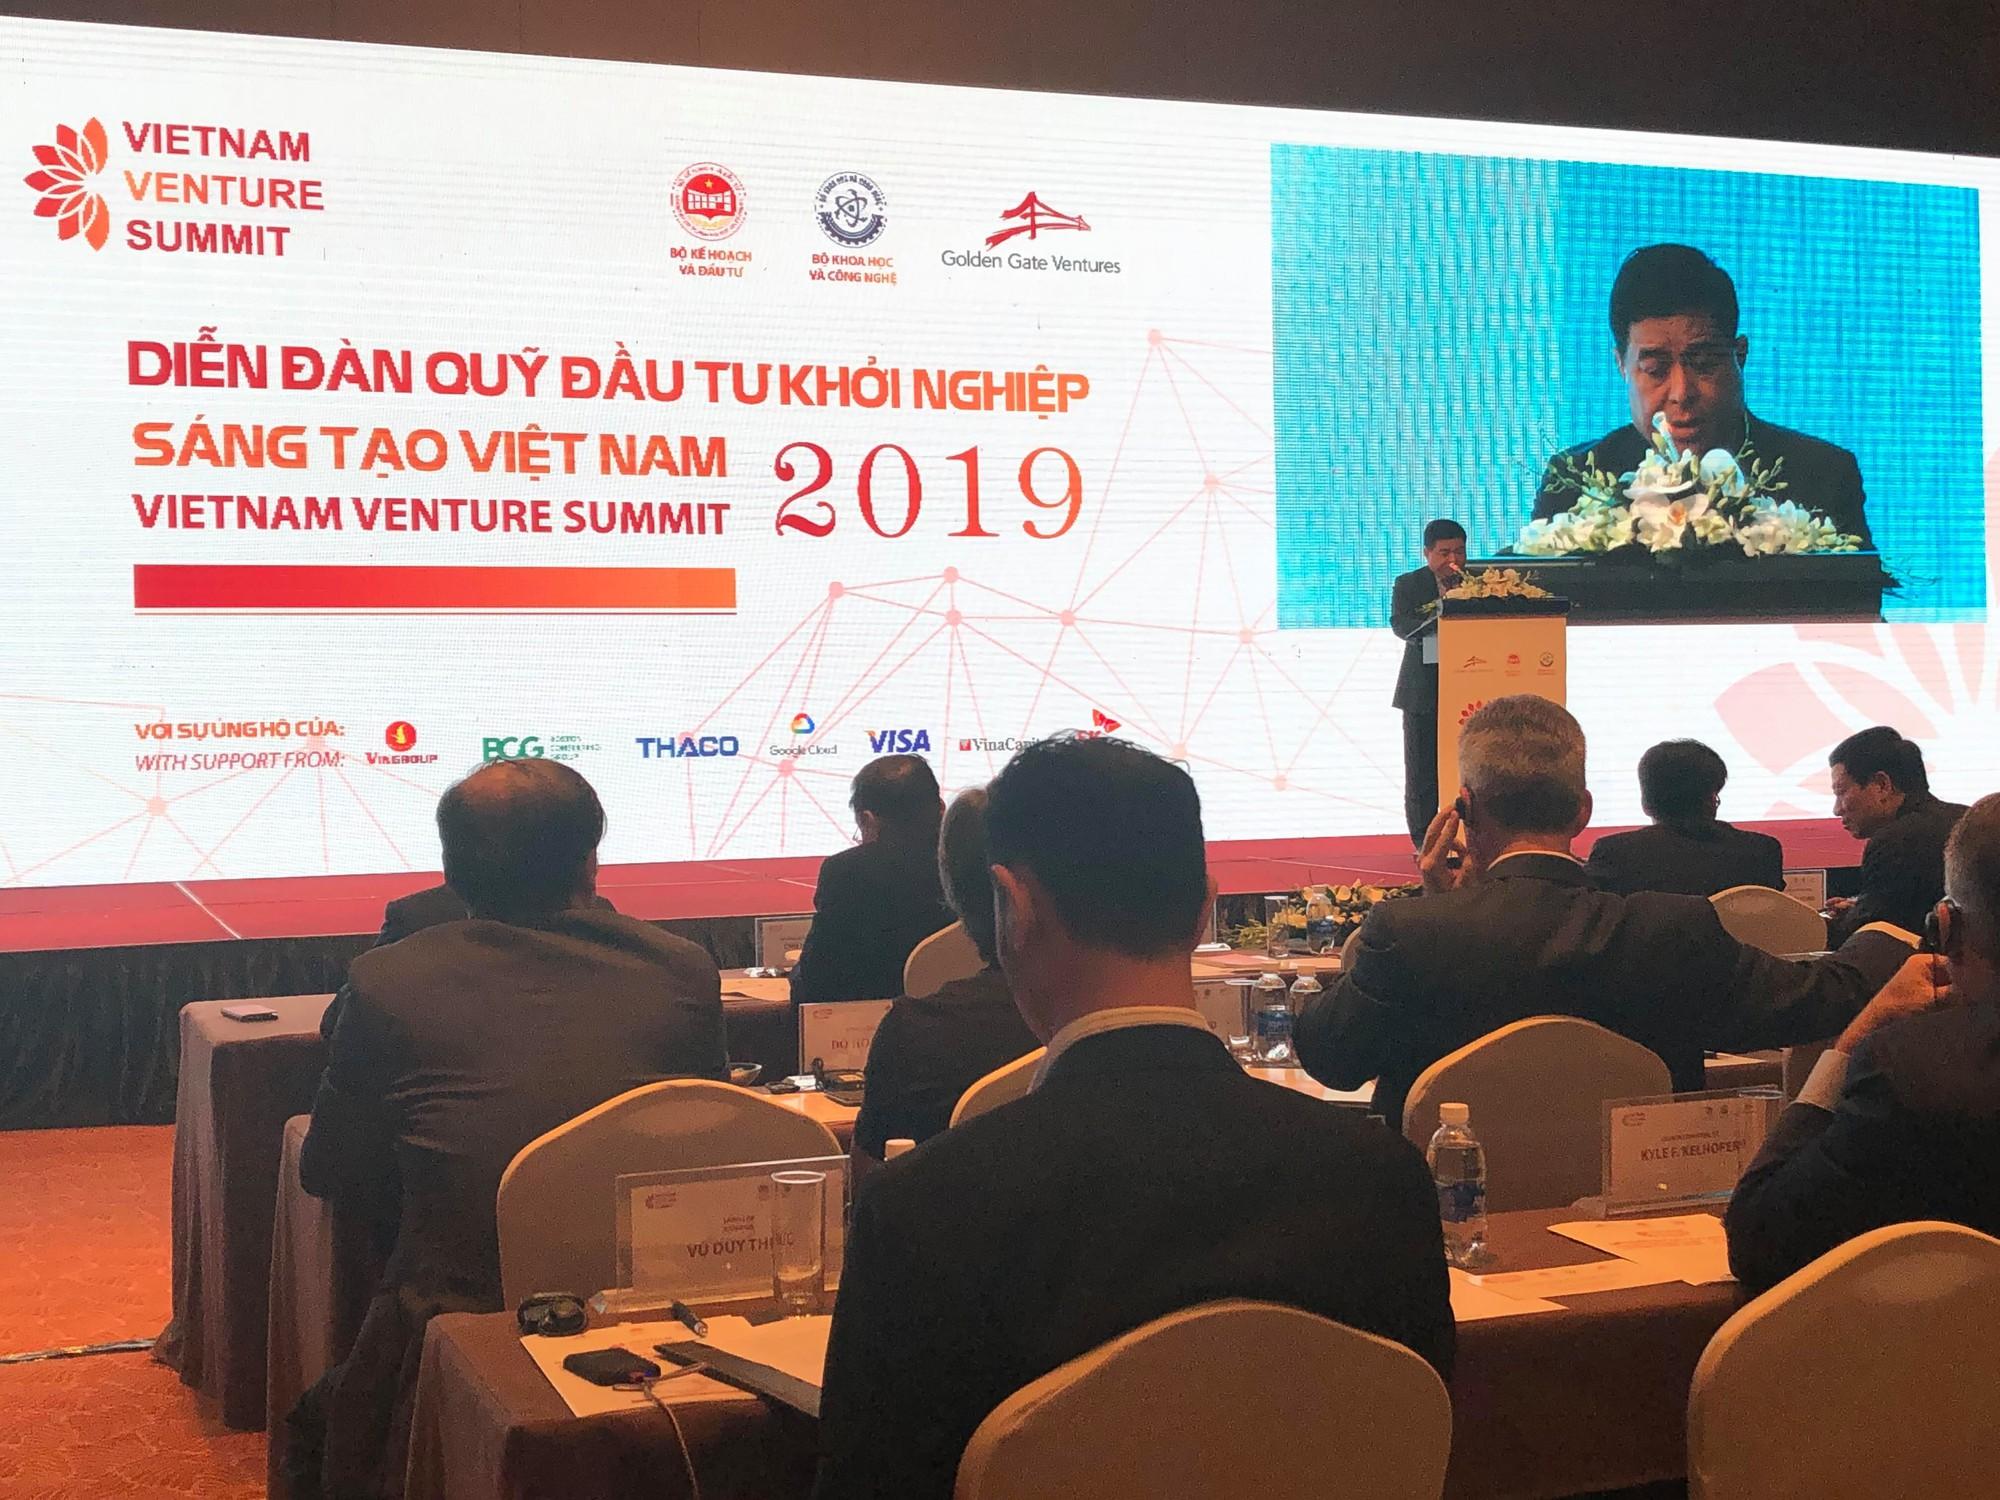 Start-up Việt sẽ được tiếp cận với hơn 100 quĩ đầu tư quốc tế - Ảnh 1.